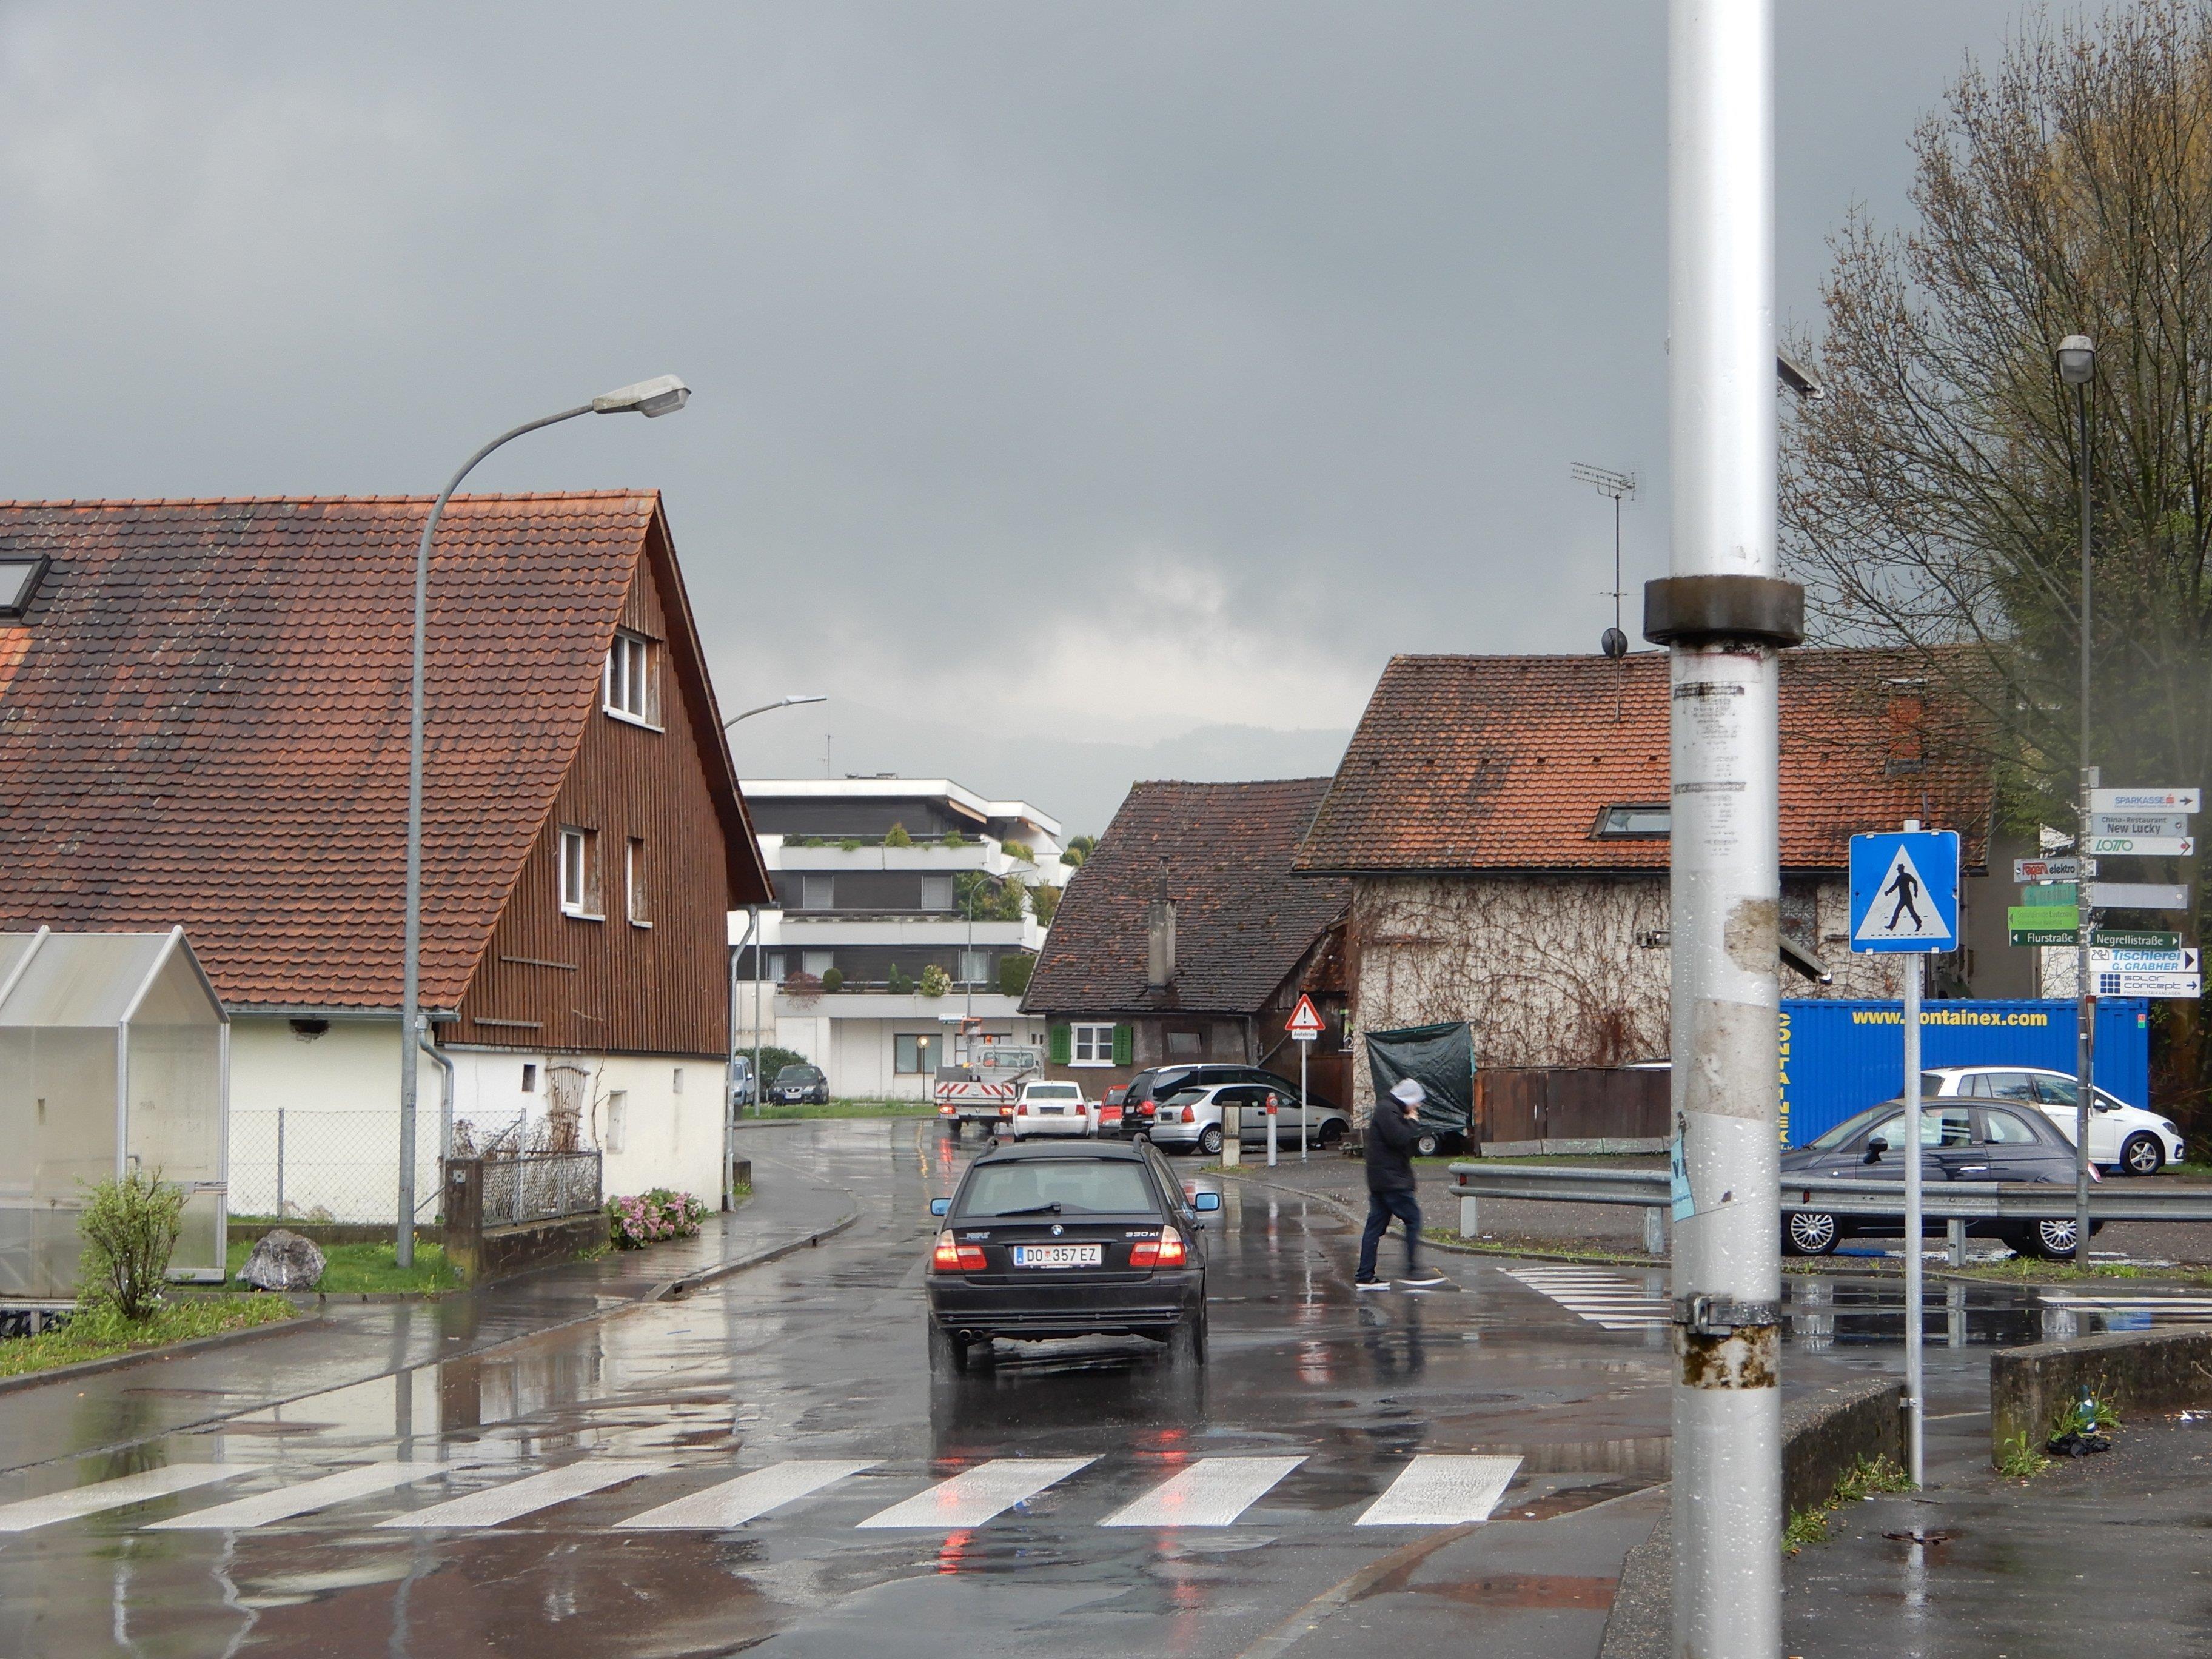 Die Beleuchtung im Bereich Hasenfeld wurde dank der Anregung im Bürgerforum umgehend repariert.